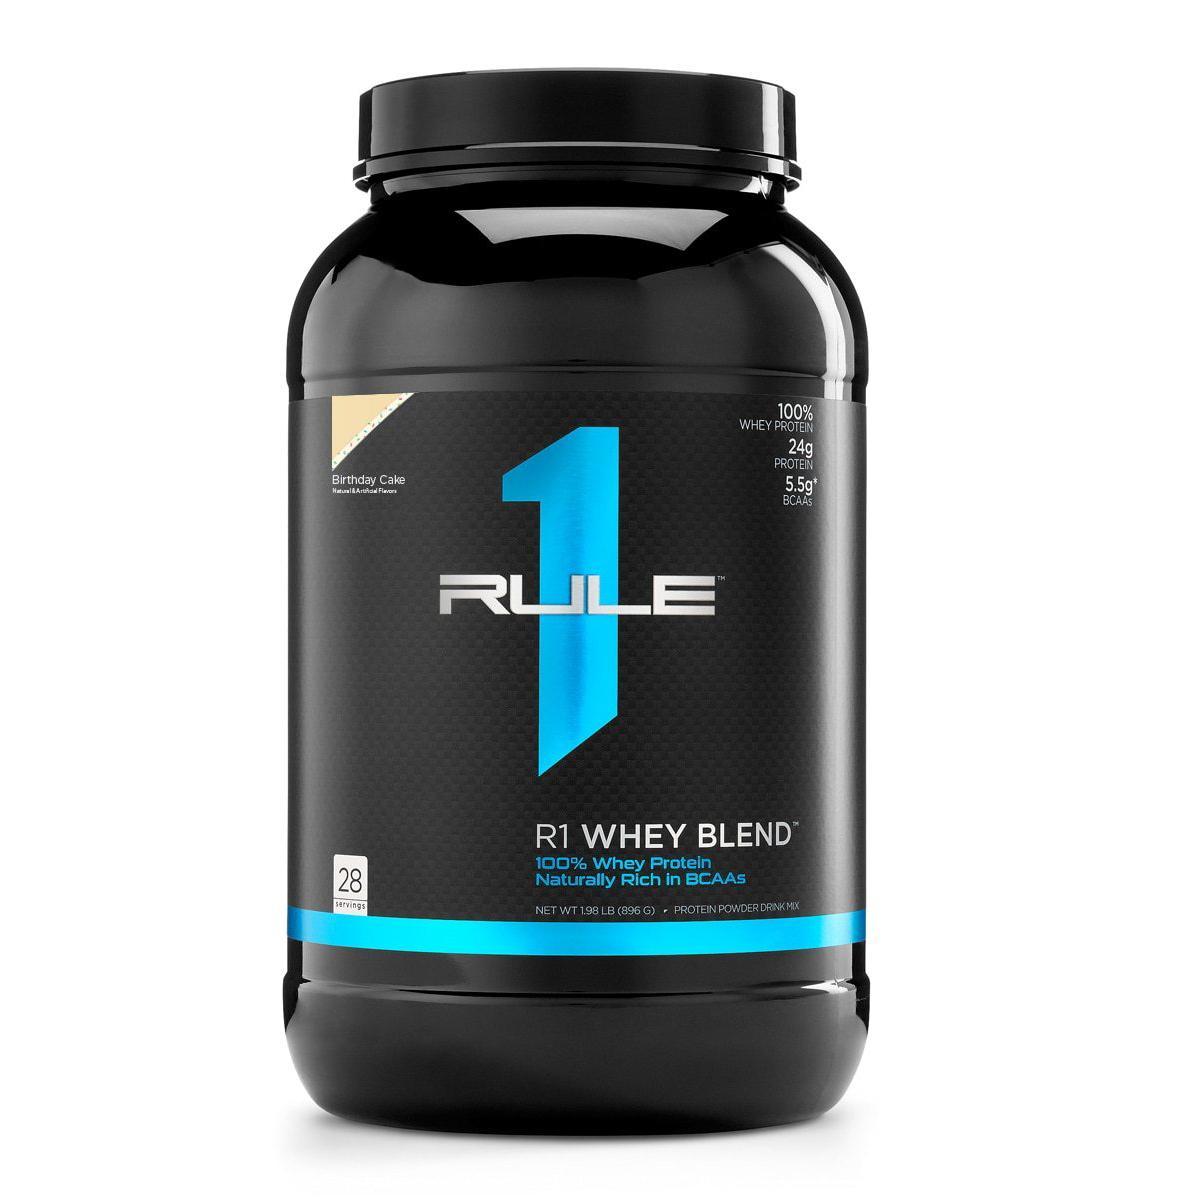 Thực phẩm bổ sung R1 Whey Blend 2lb - 28 servings cao cấp